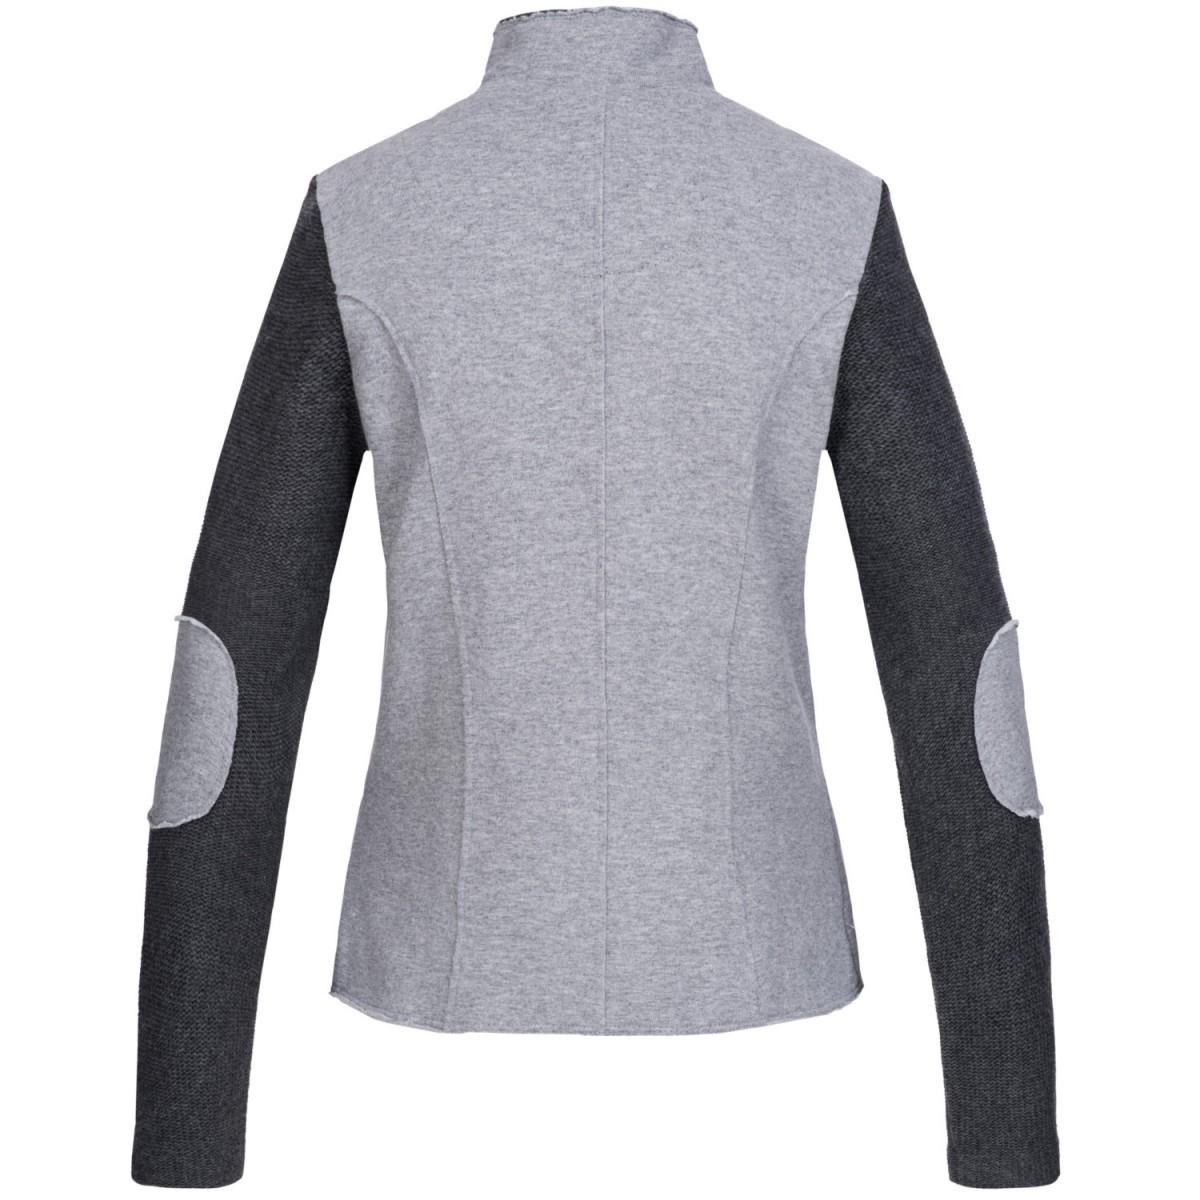 Jacke murnau in grau von hammerschmid ebay - Trachten finest ...